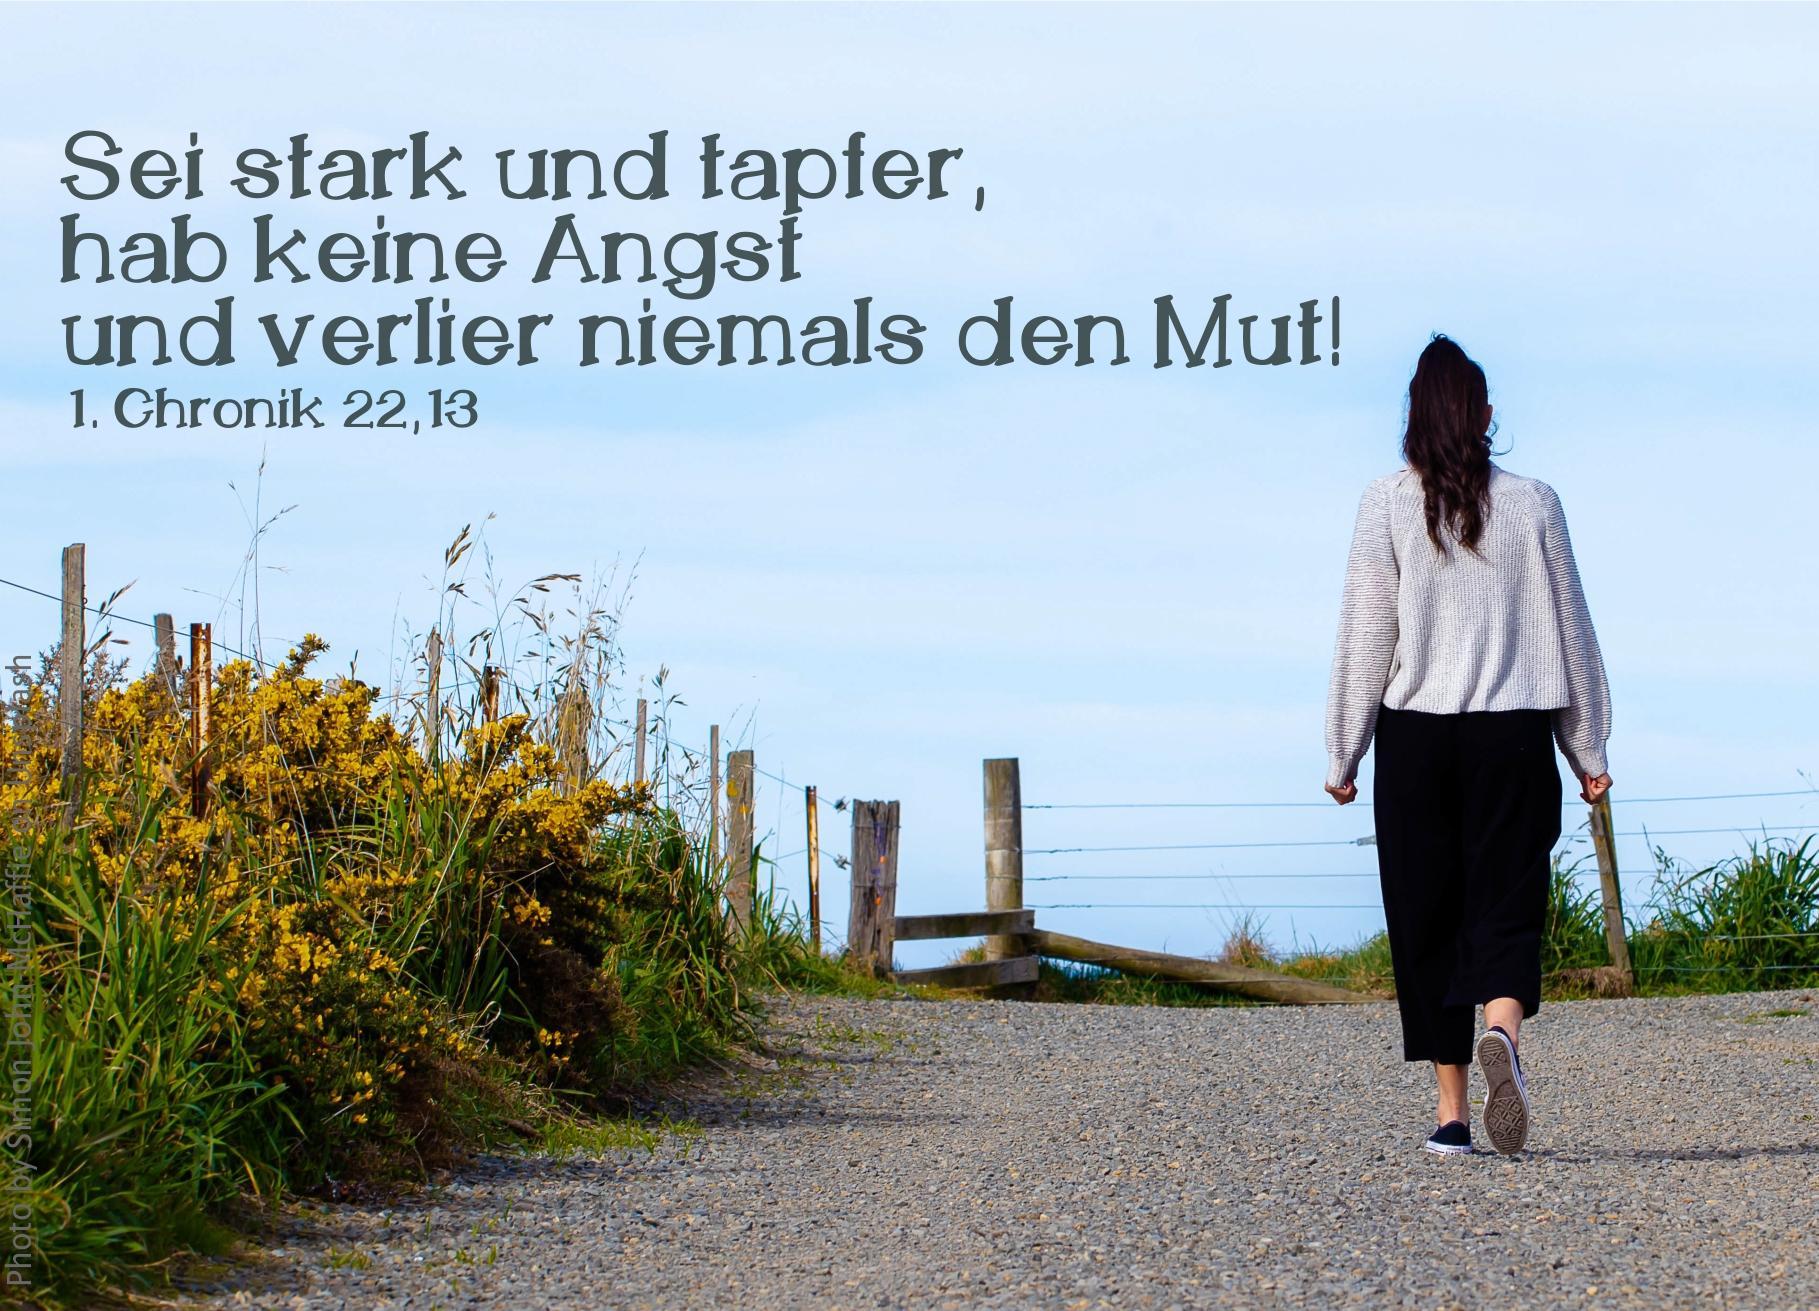 """alt=""""frau_geht_auf_schotterweg_unter_blauem_himmel_erwartet_bibelhoerbuch_zukuenftige_herrlichkeit"""""""